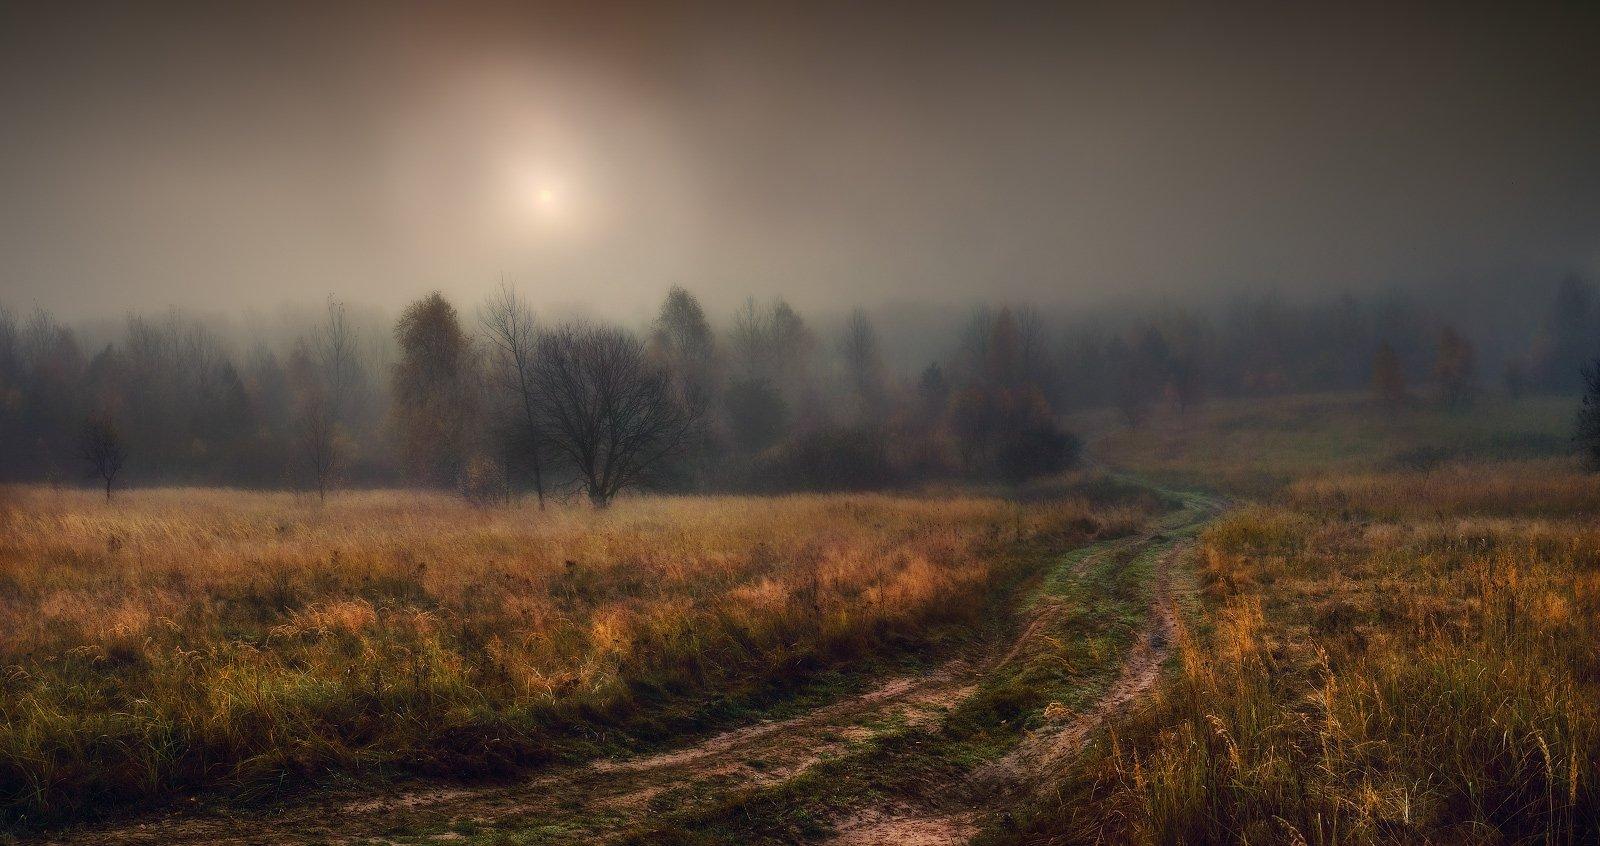 осень, туман, дорога, Владимир